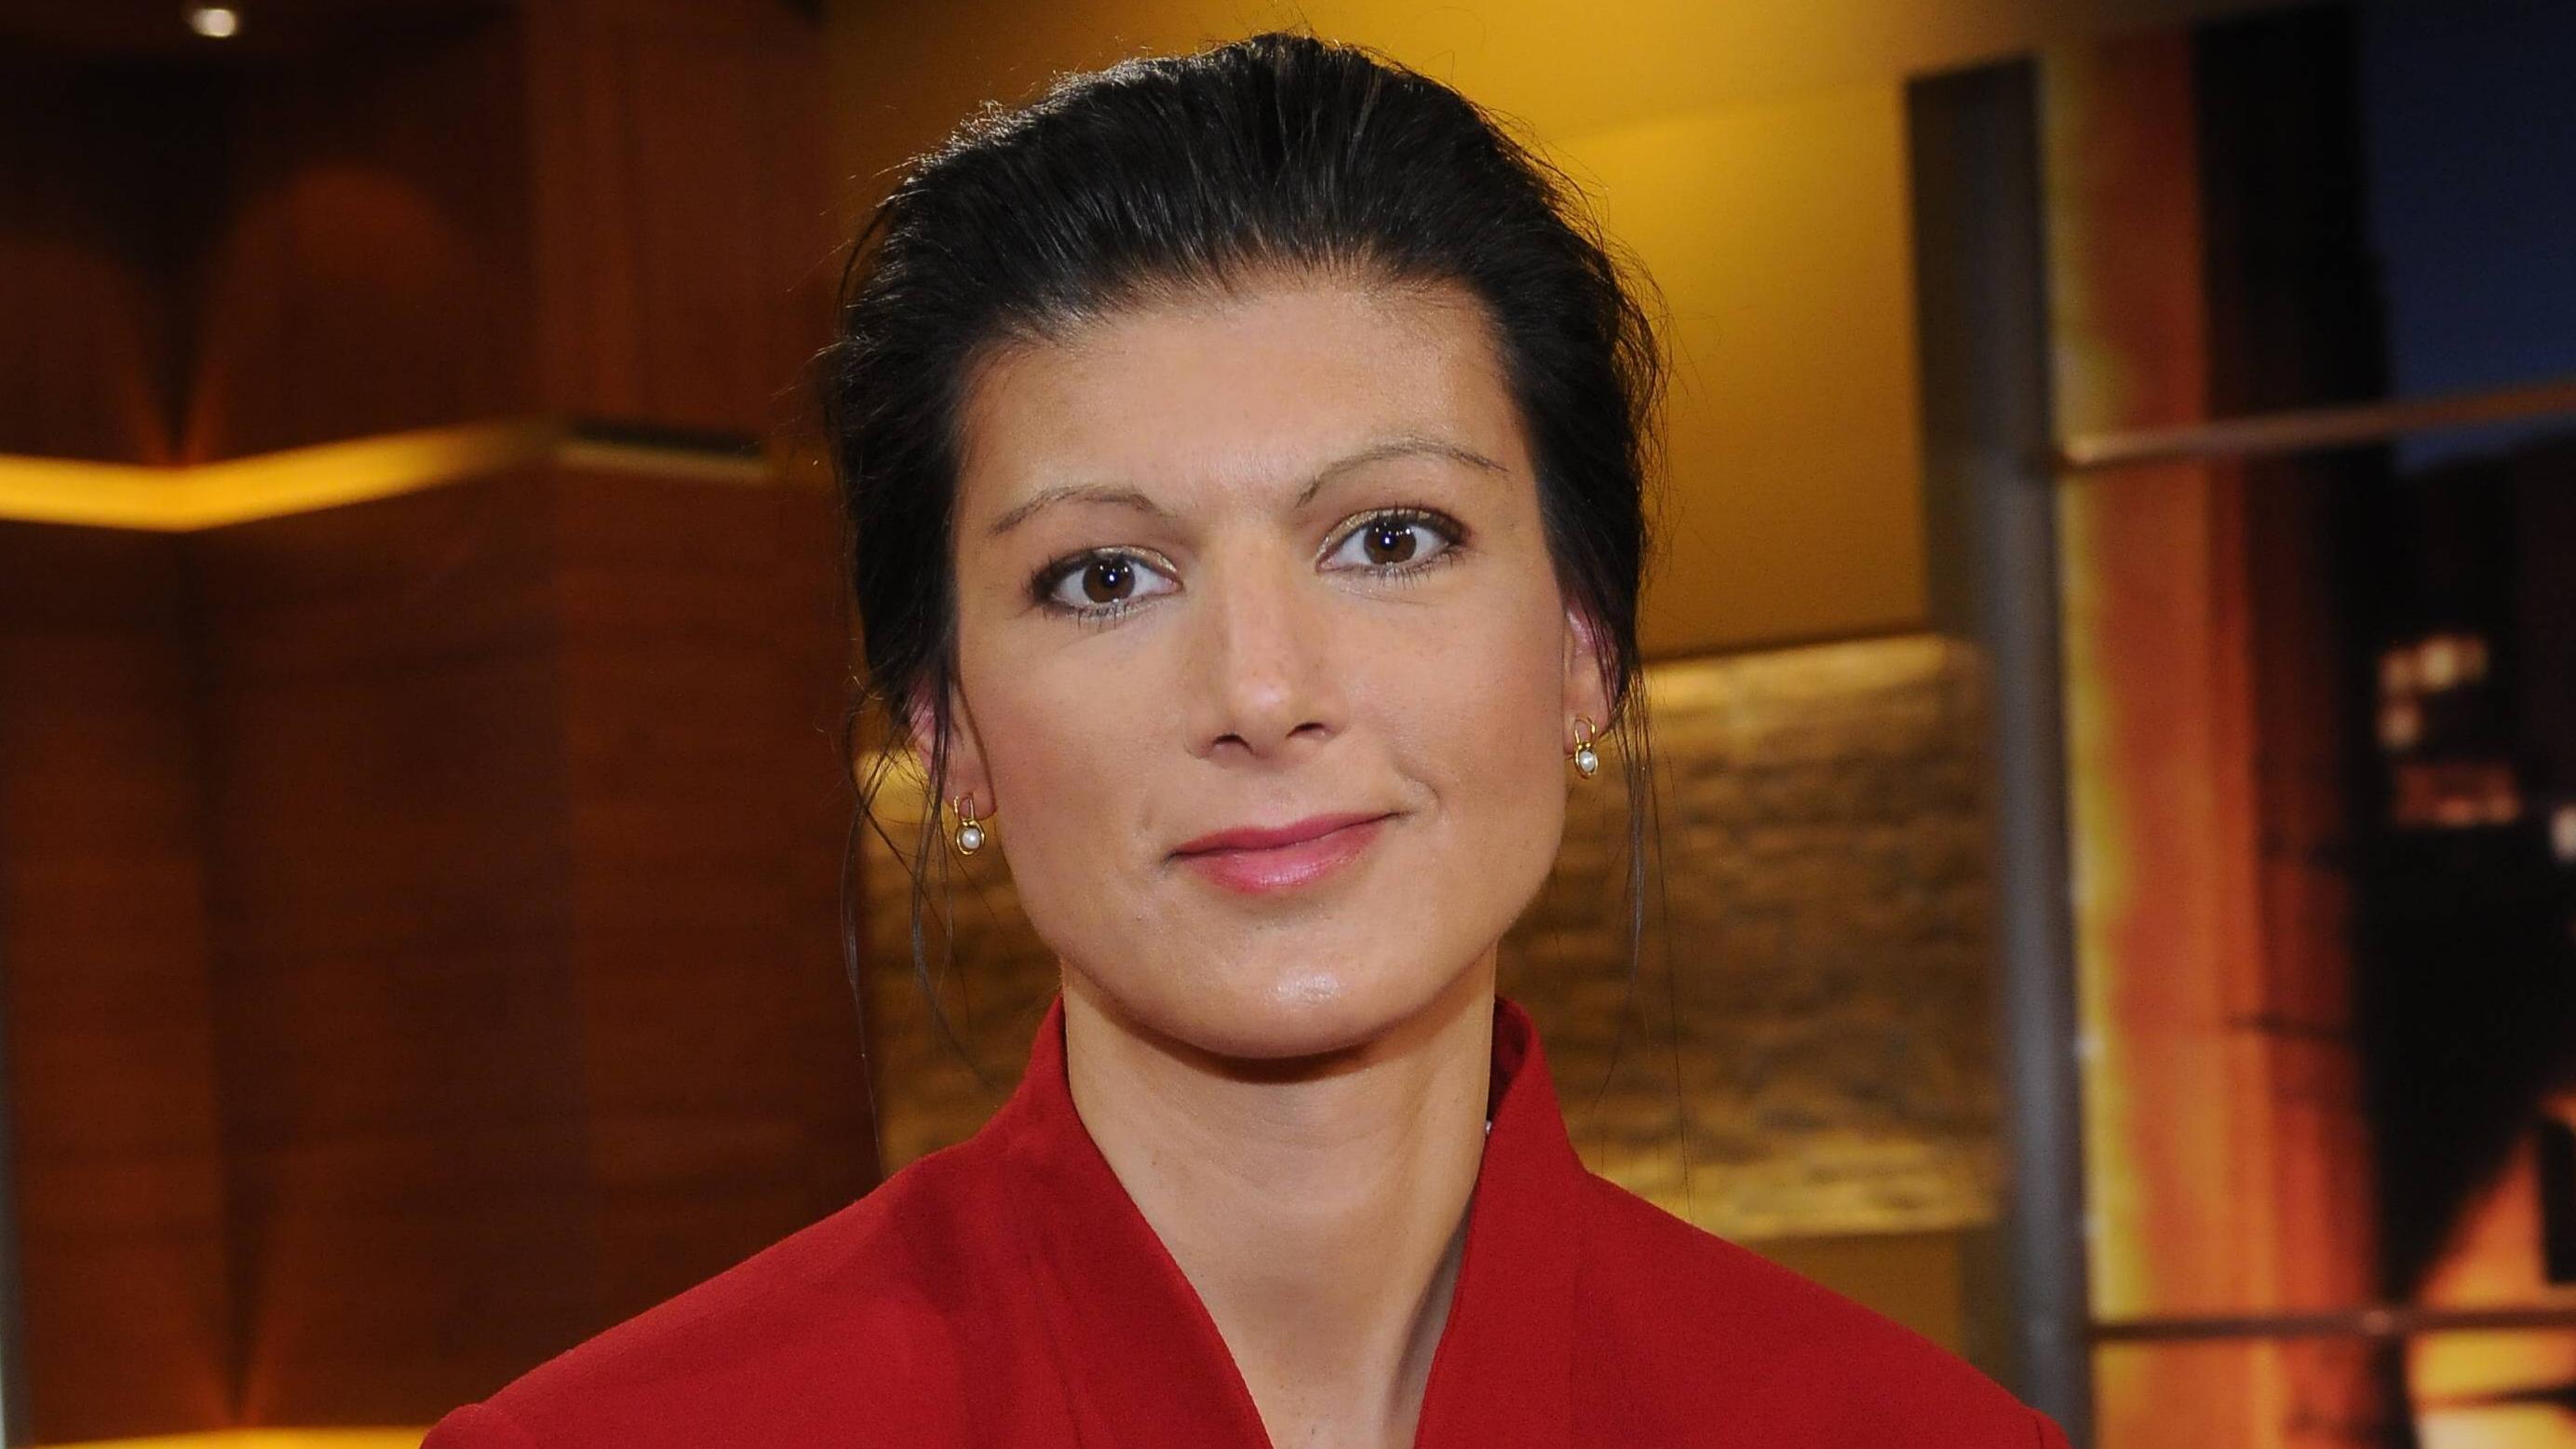 Sahra Wagenknecht: Partner, Porsche, Alter, Größe